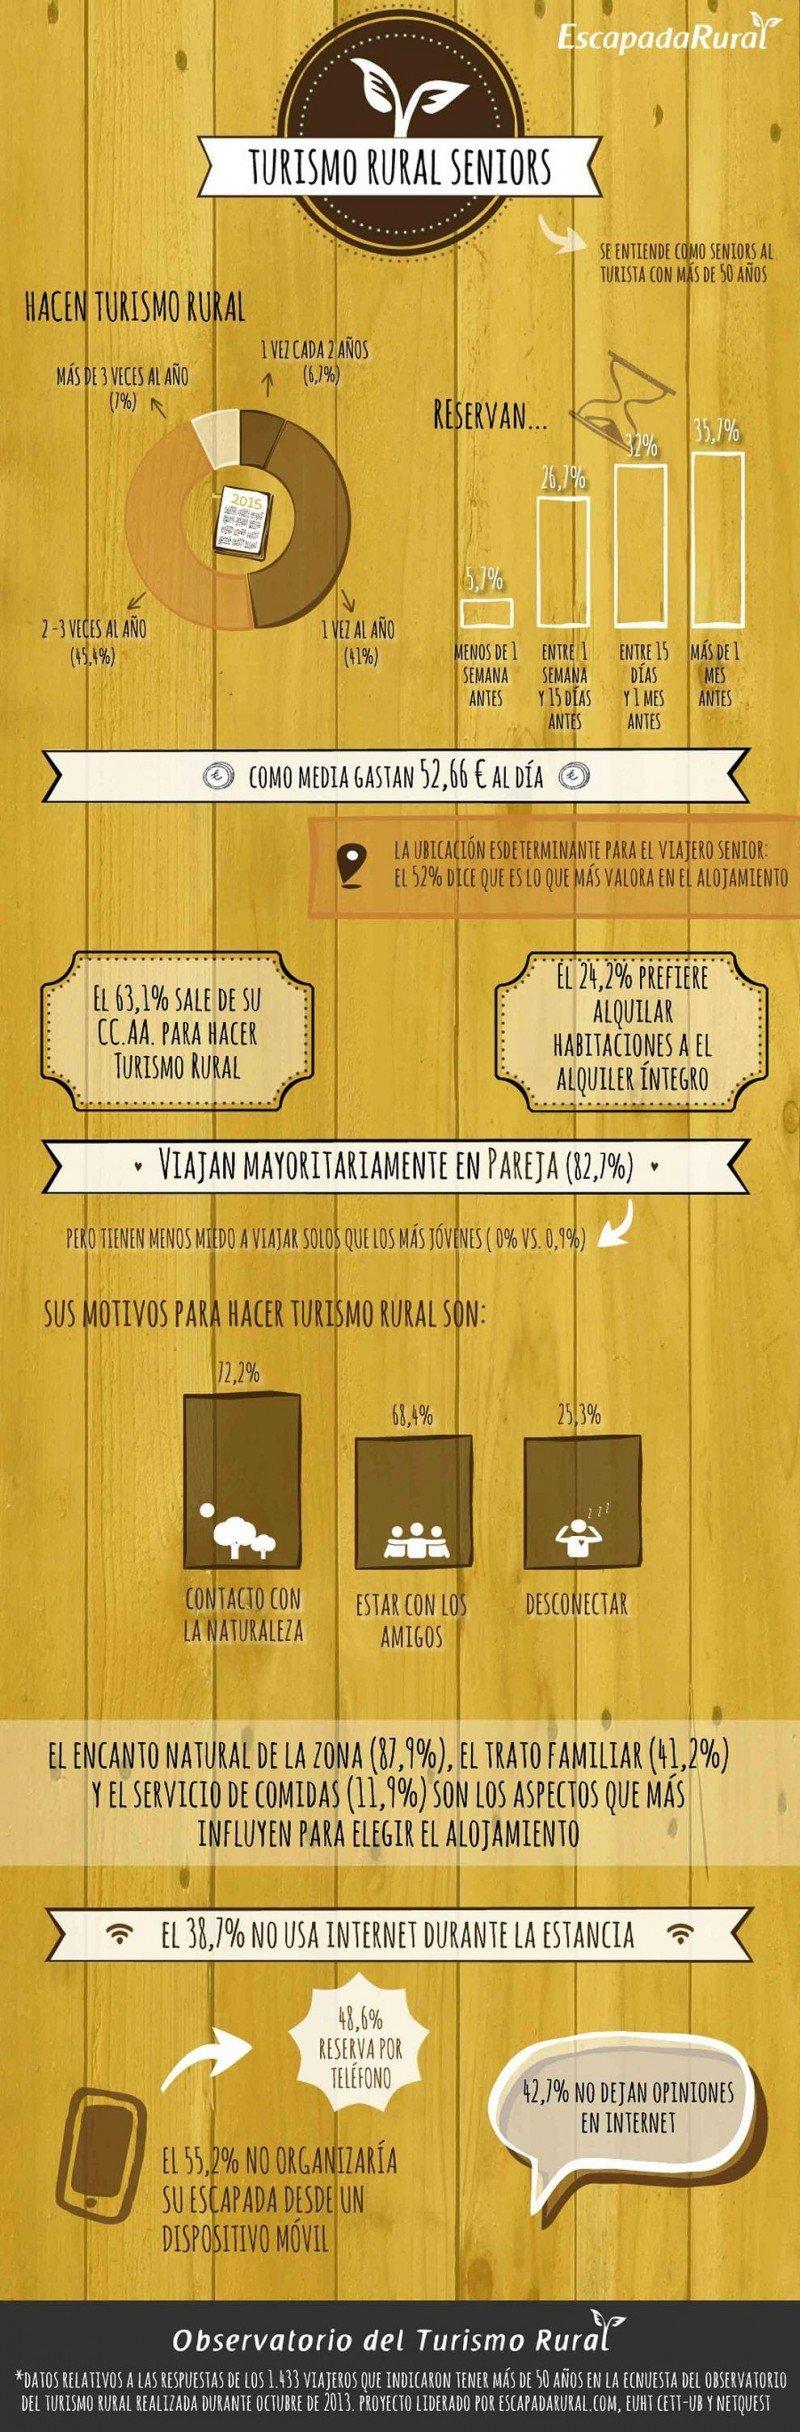 Infografía del Observatorio del Turismo Rural sobre el perfil del turista senior.